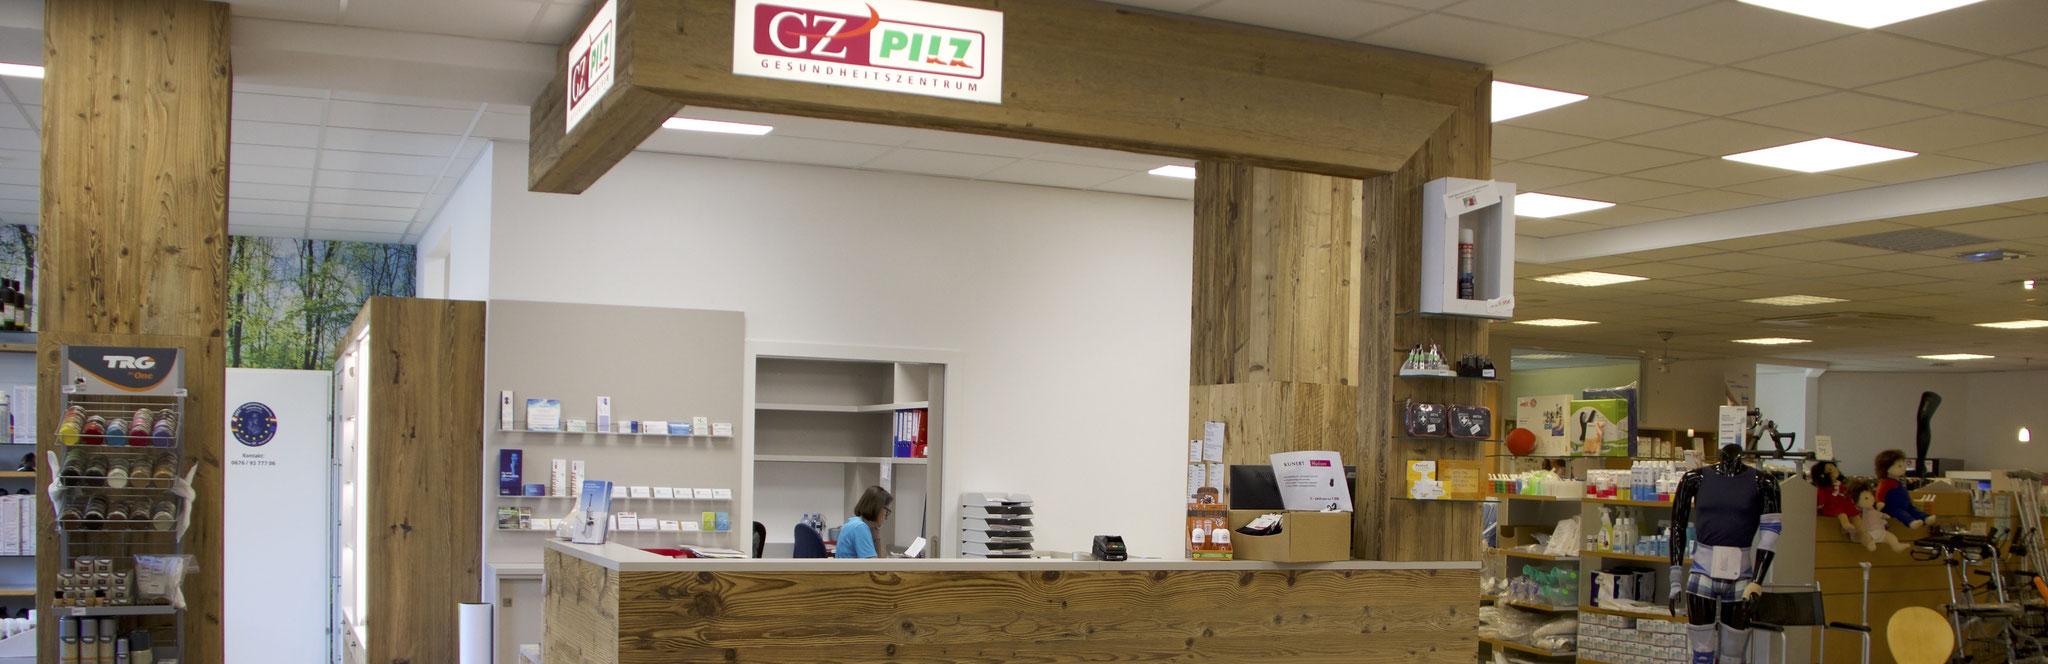 Herzlich Willkommen im Gesundheitszentrum Pilz